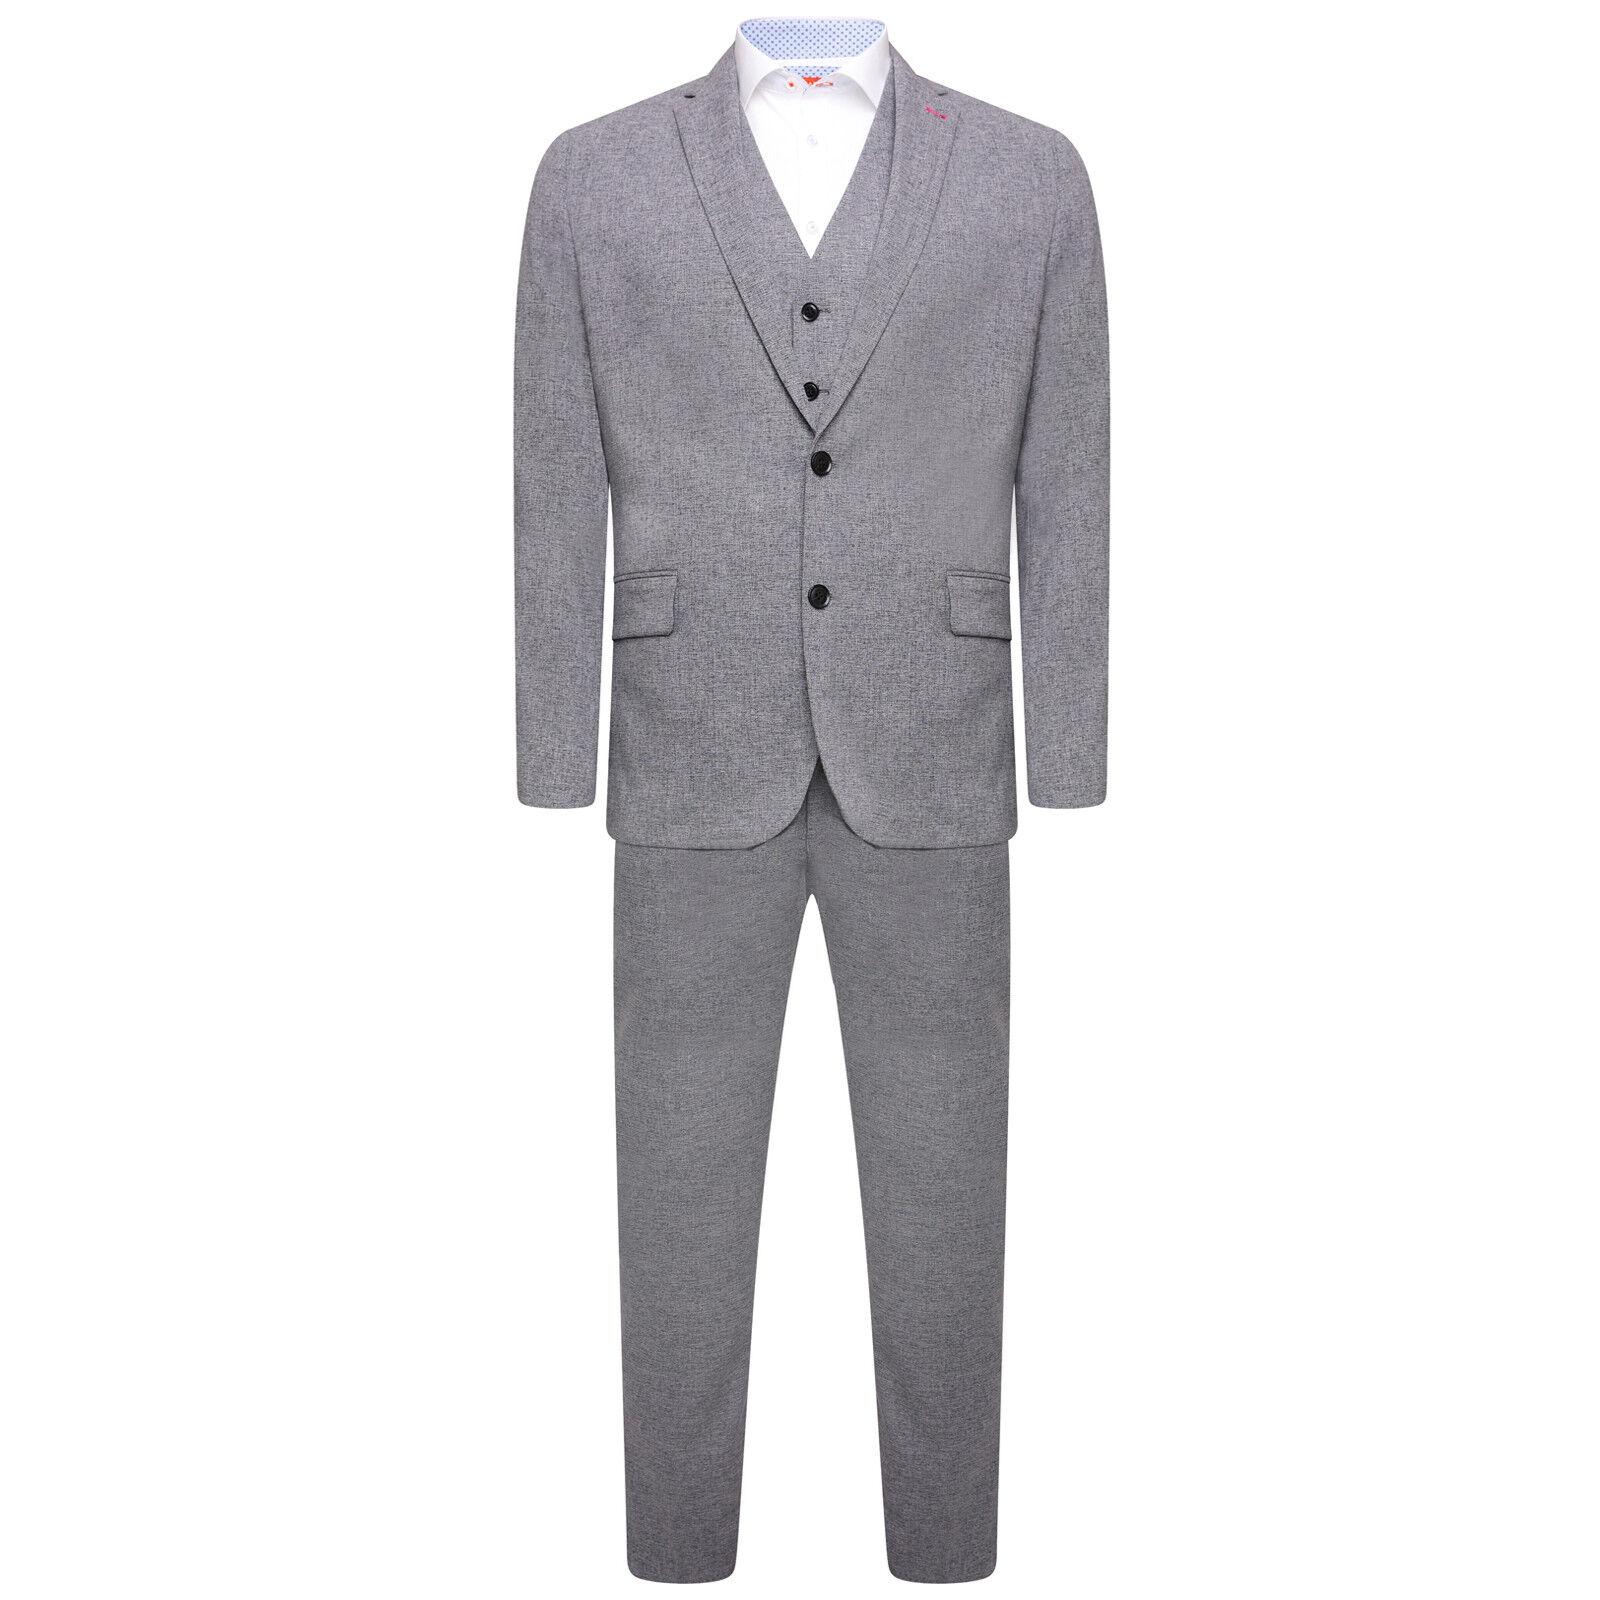 Harry braun DANDY 3 Piece Slim Fit Suit in grau 54088a 0568     Hohe Sicherheit    Up-to-date-styling    Deutschland Frankfurt